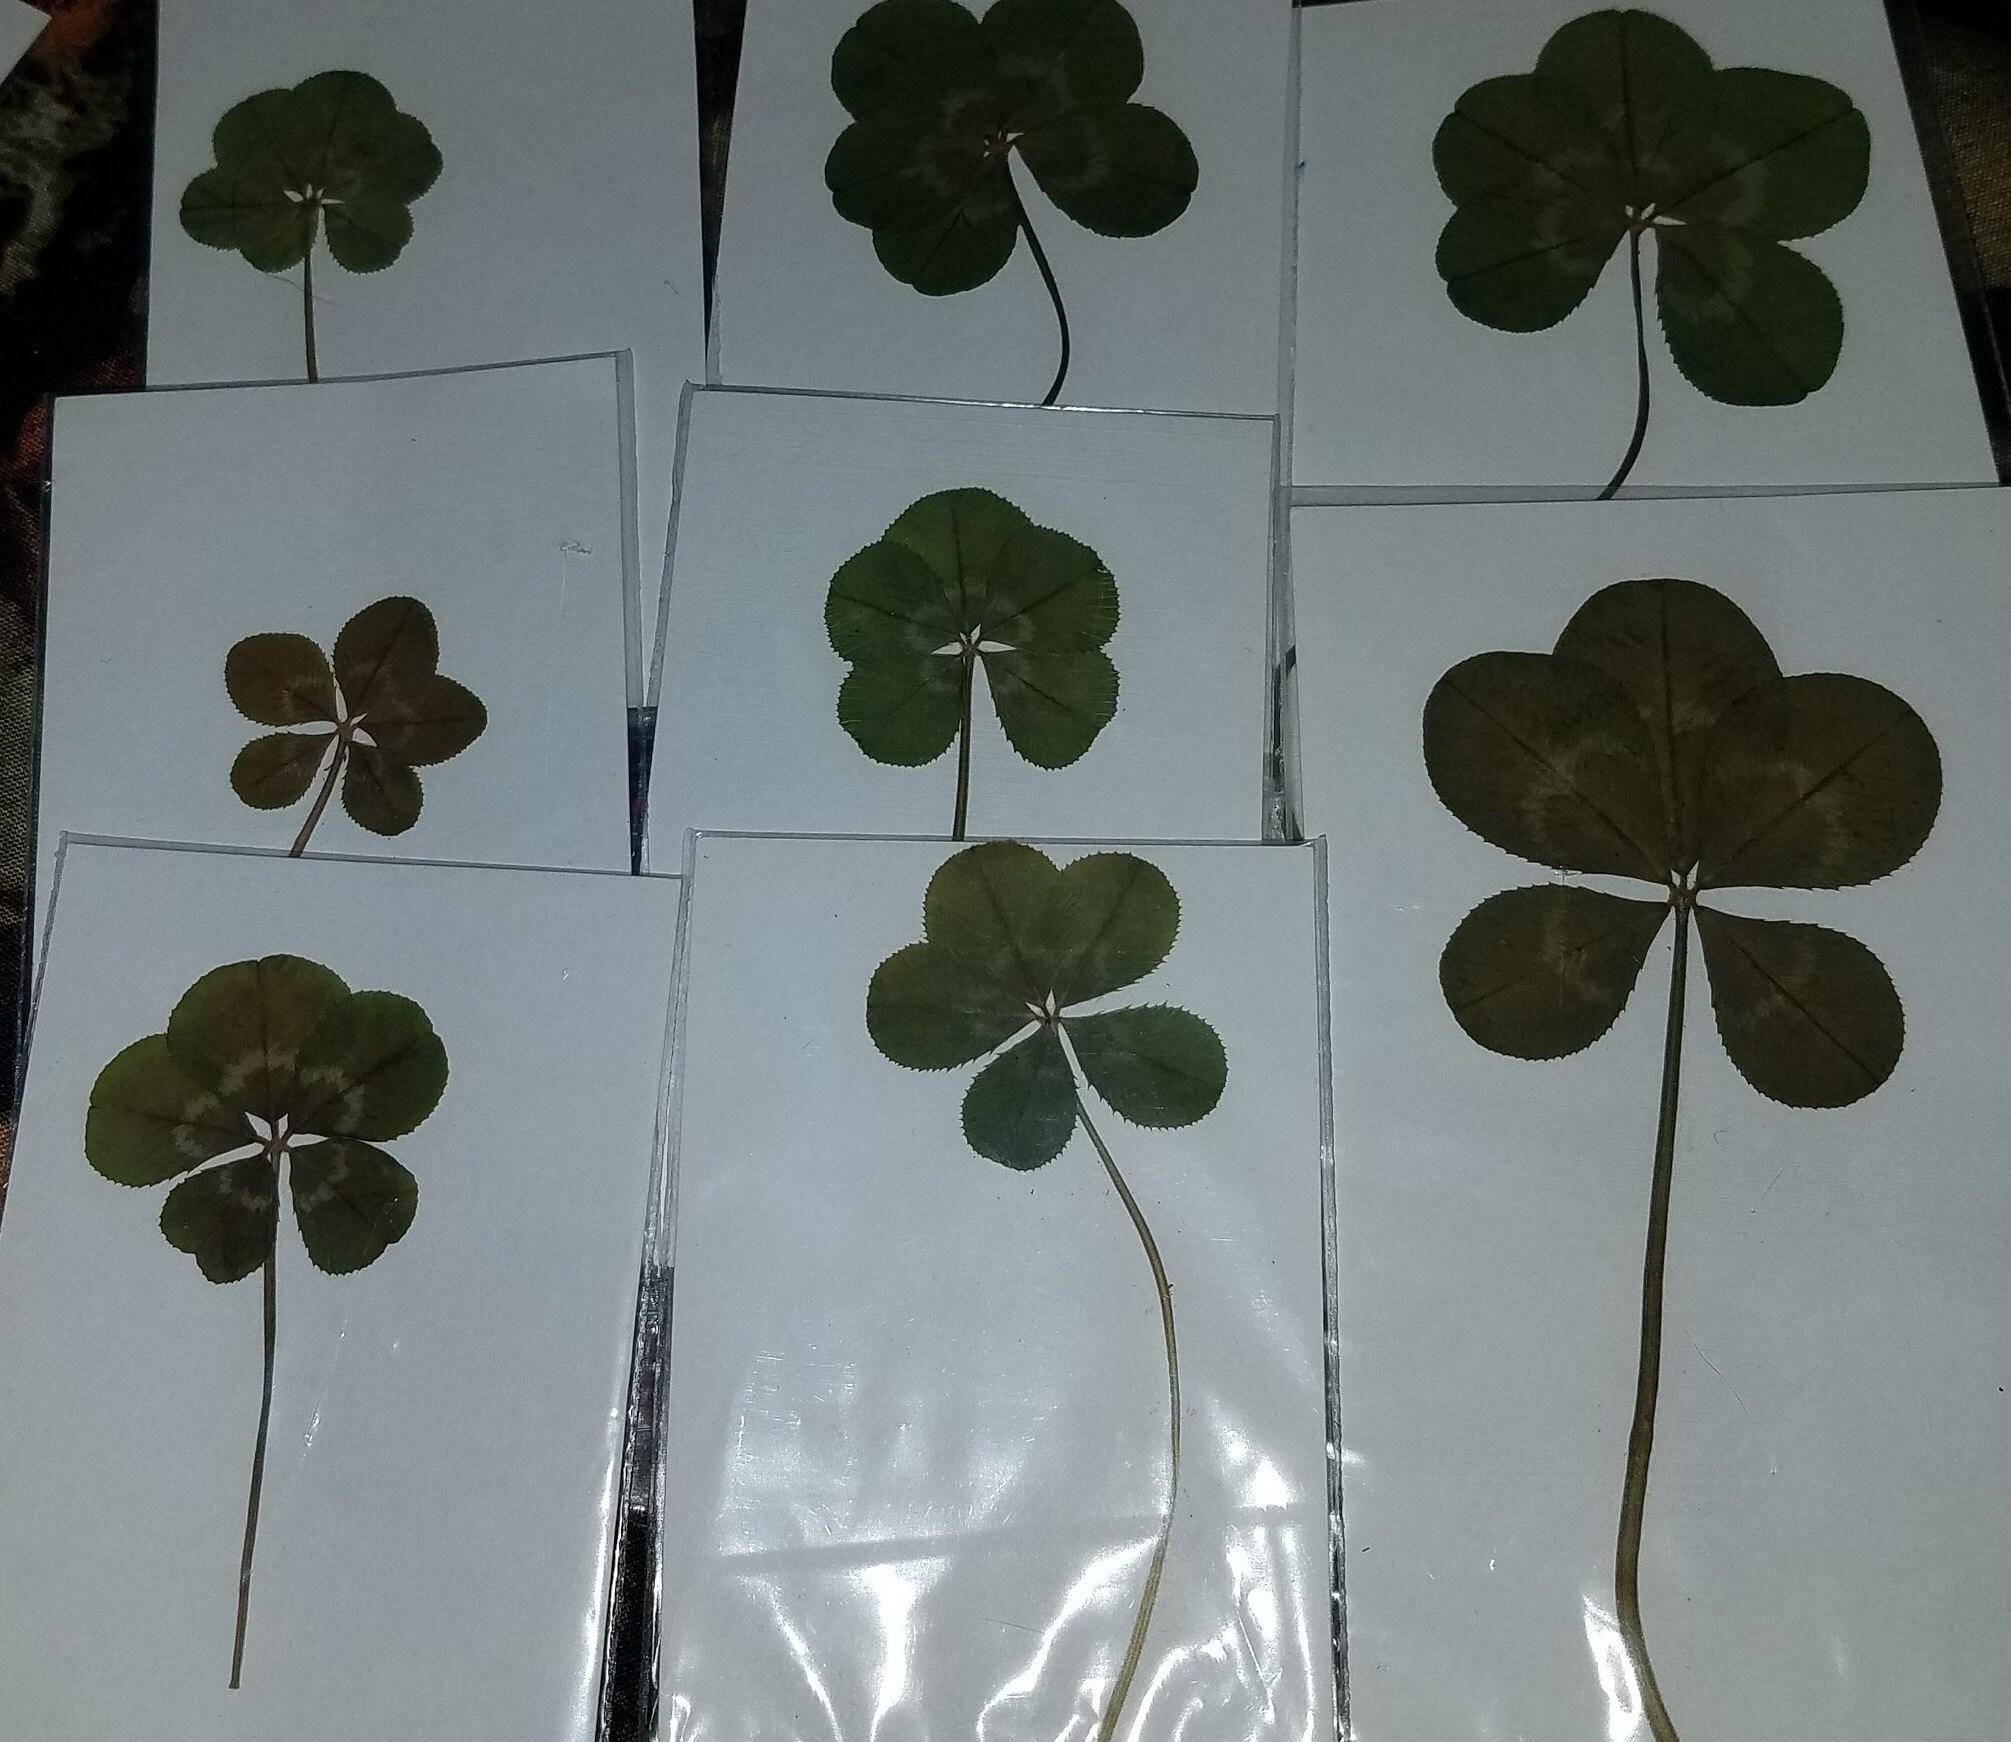 Real Four Leaf Clover Larger than Quarter 4 Leaf Clover Good Luck Item